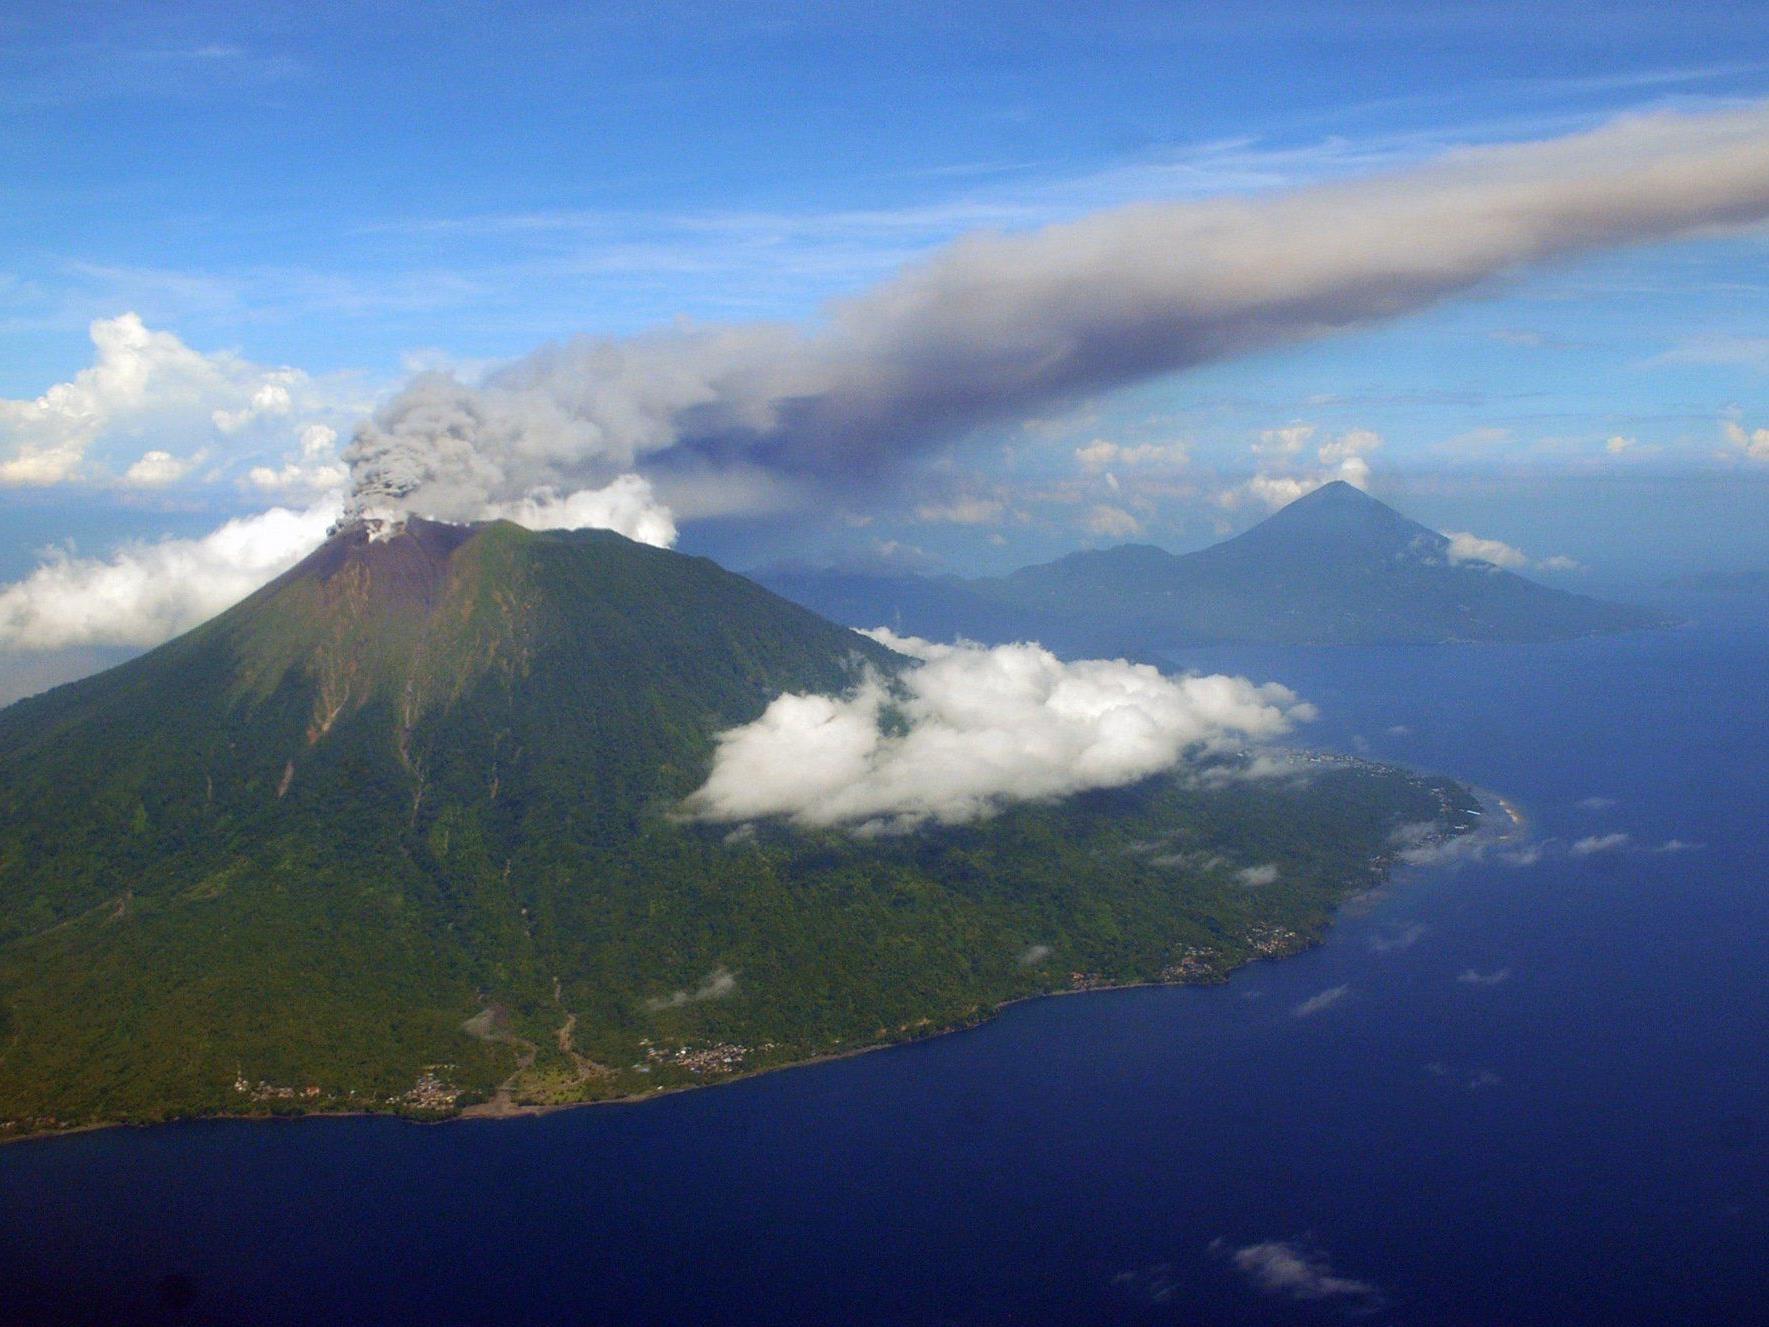 Nach dem Vulkanausbruch auf der Insel Tonga entsteht eine neue Insel.